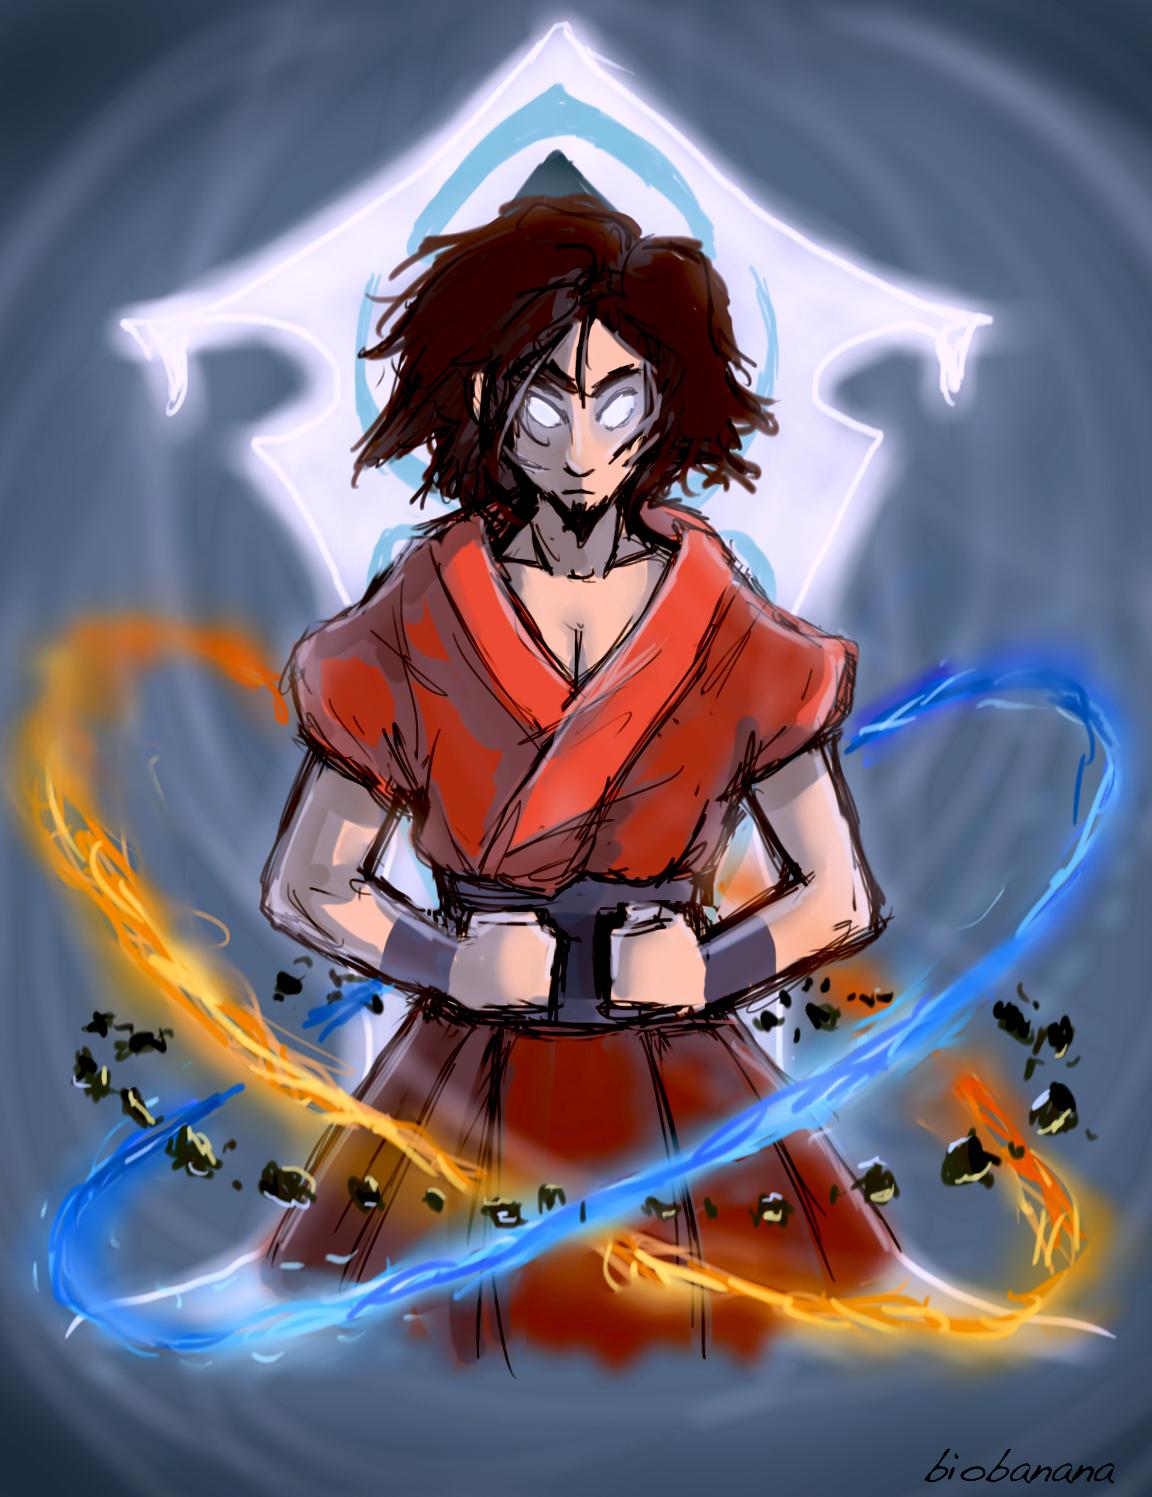 Avatar Wan by biobanana